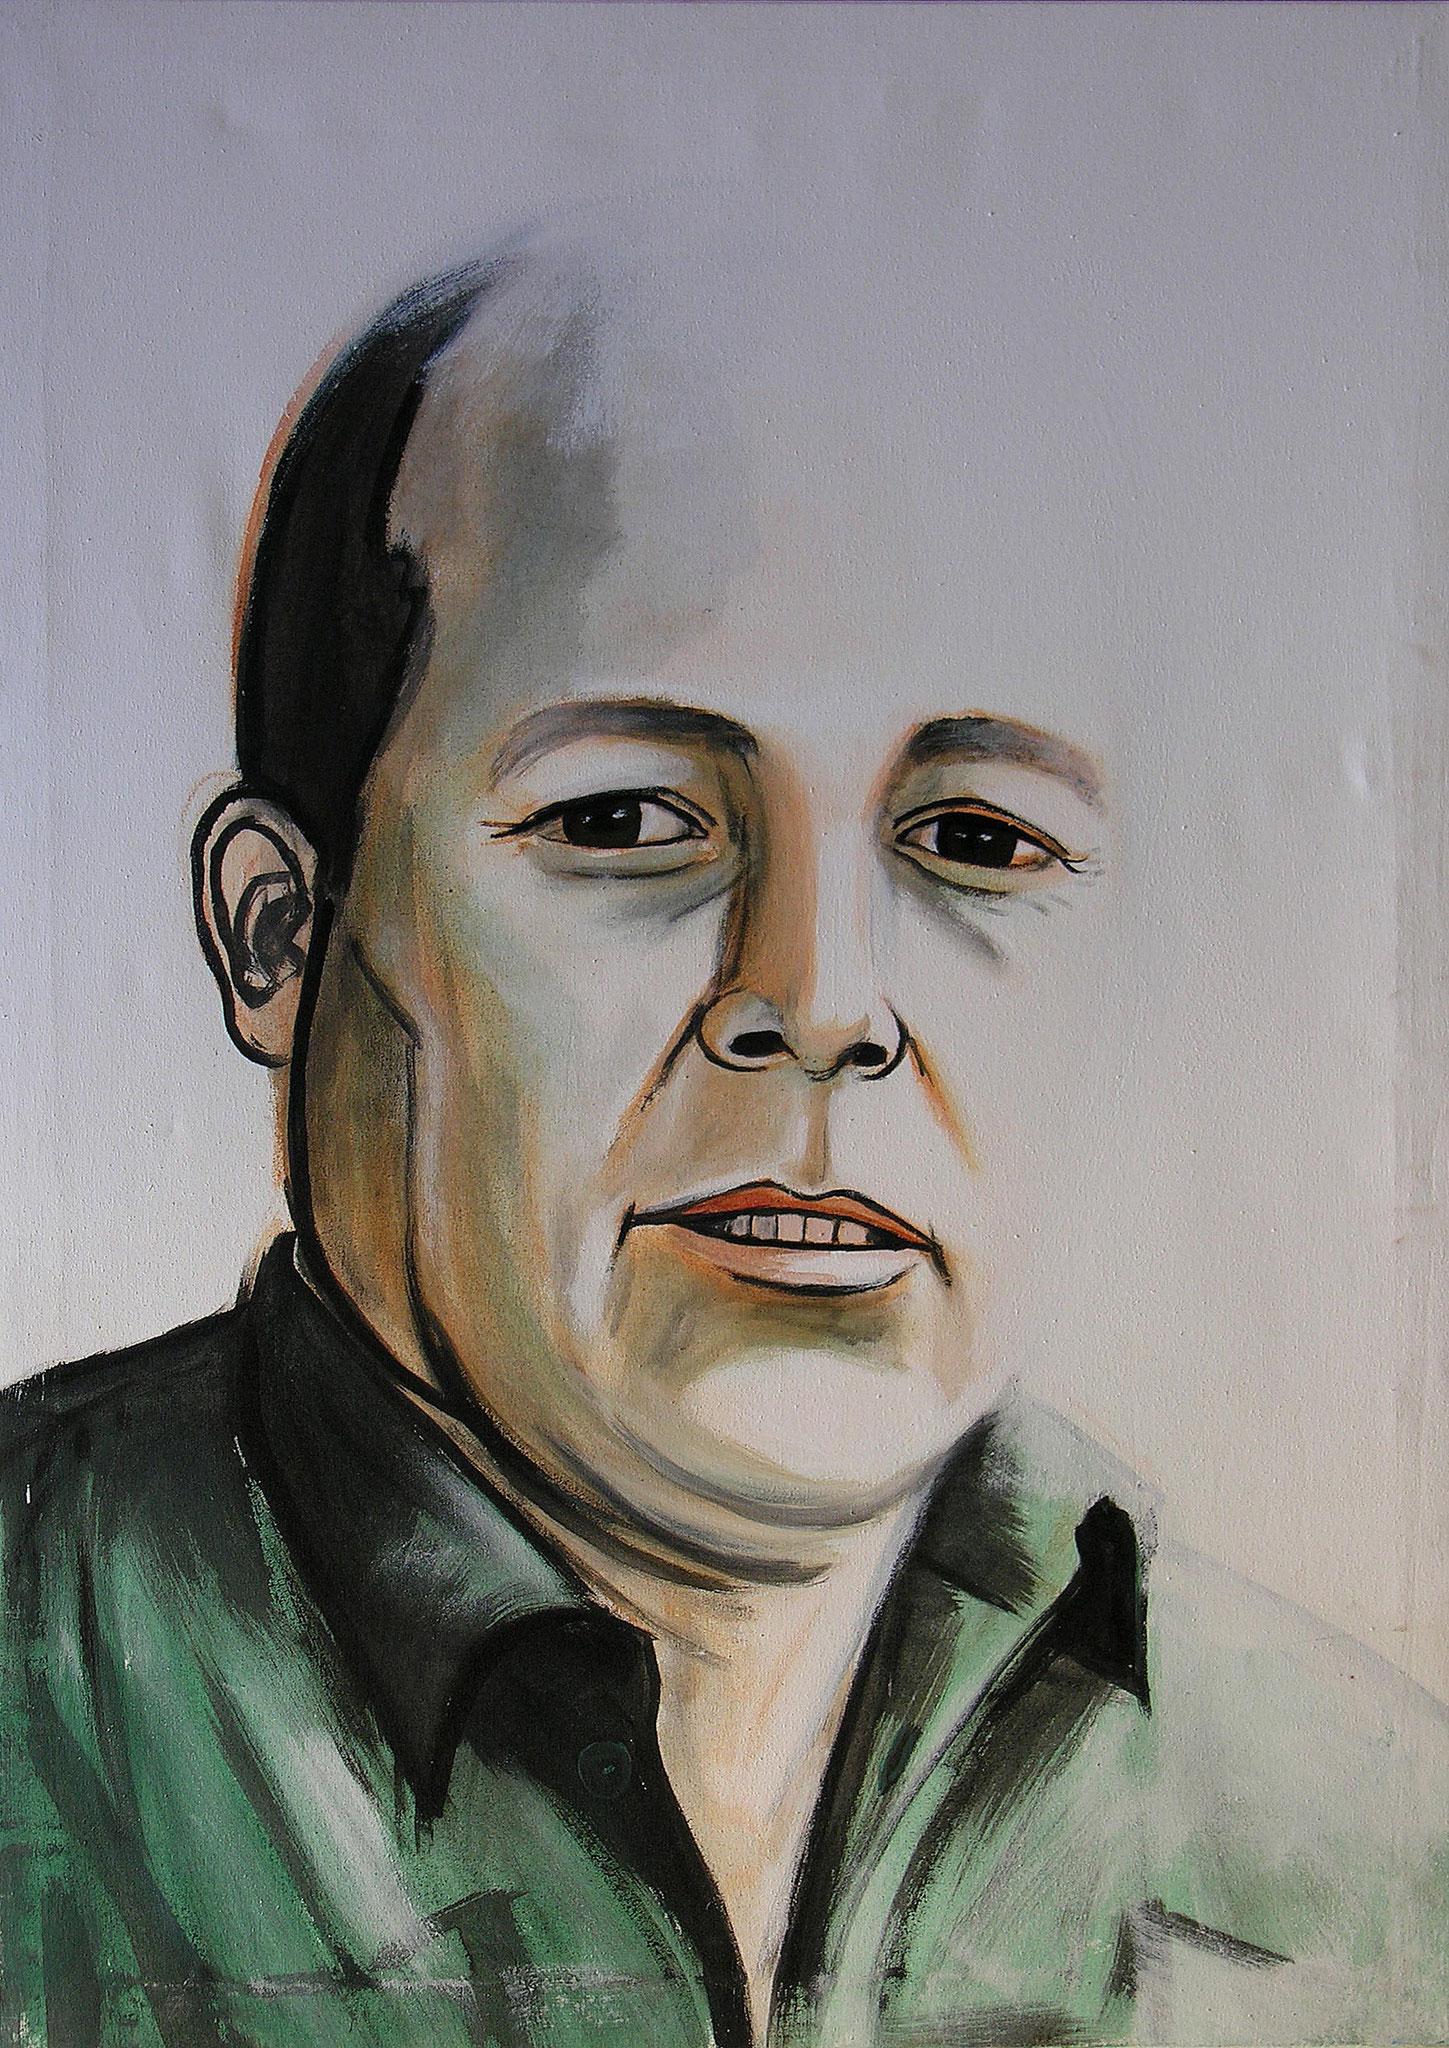 Brother, Acrylic on canvas, 110 x 70 cm, 2005